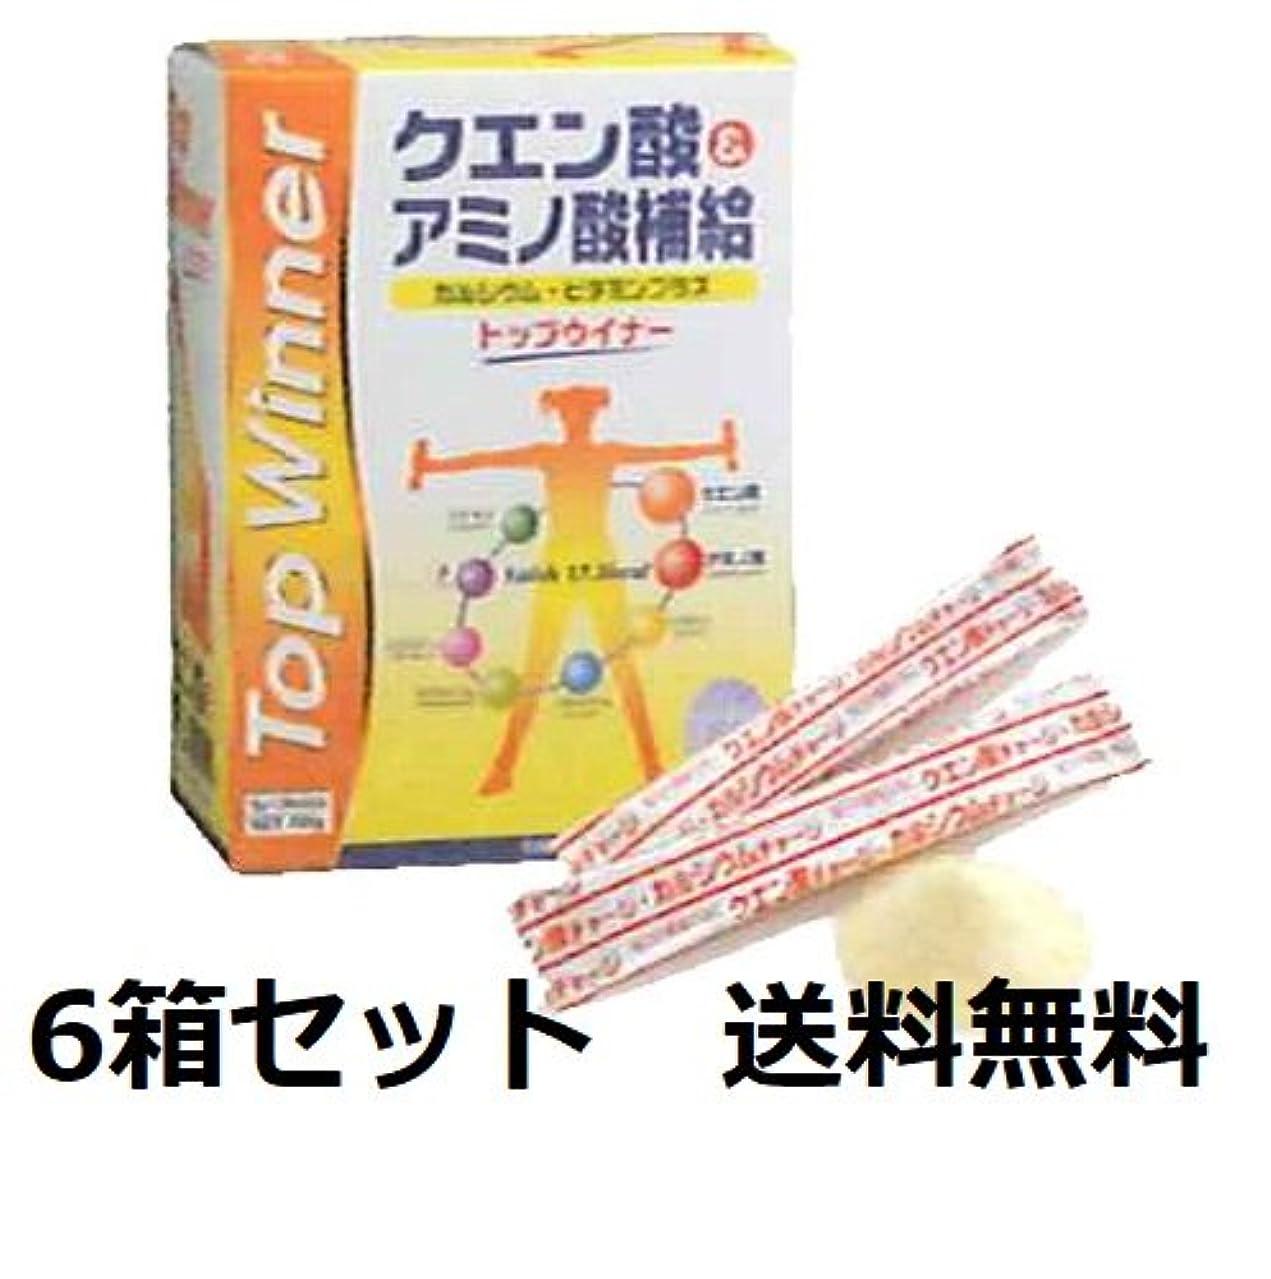 マージ描写画像トップウイナー 6箱セット アミノ酸?クエン酸飲料 5g×30本入(150g)×6箱